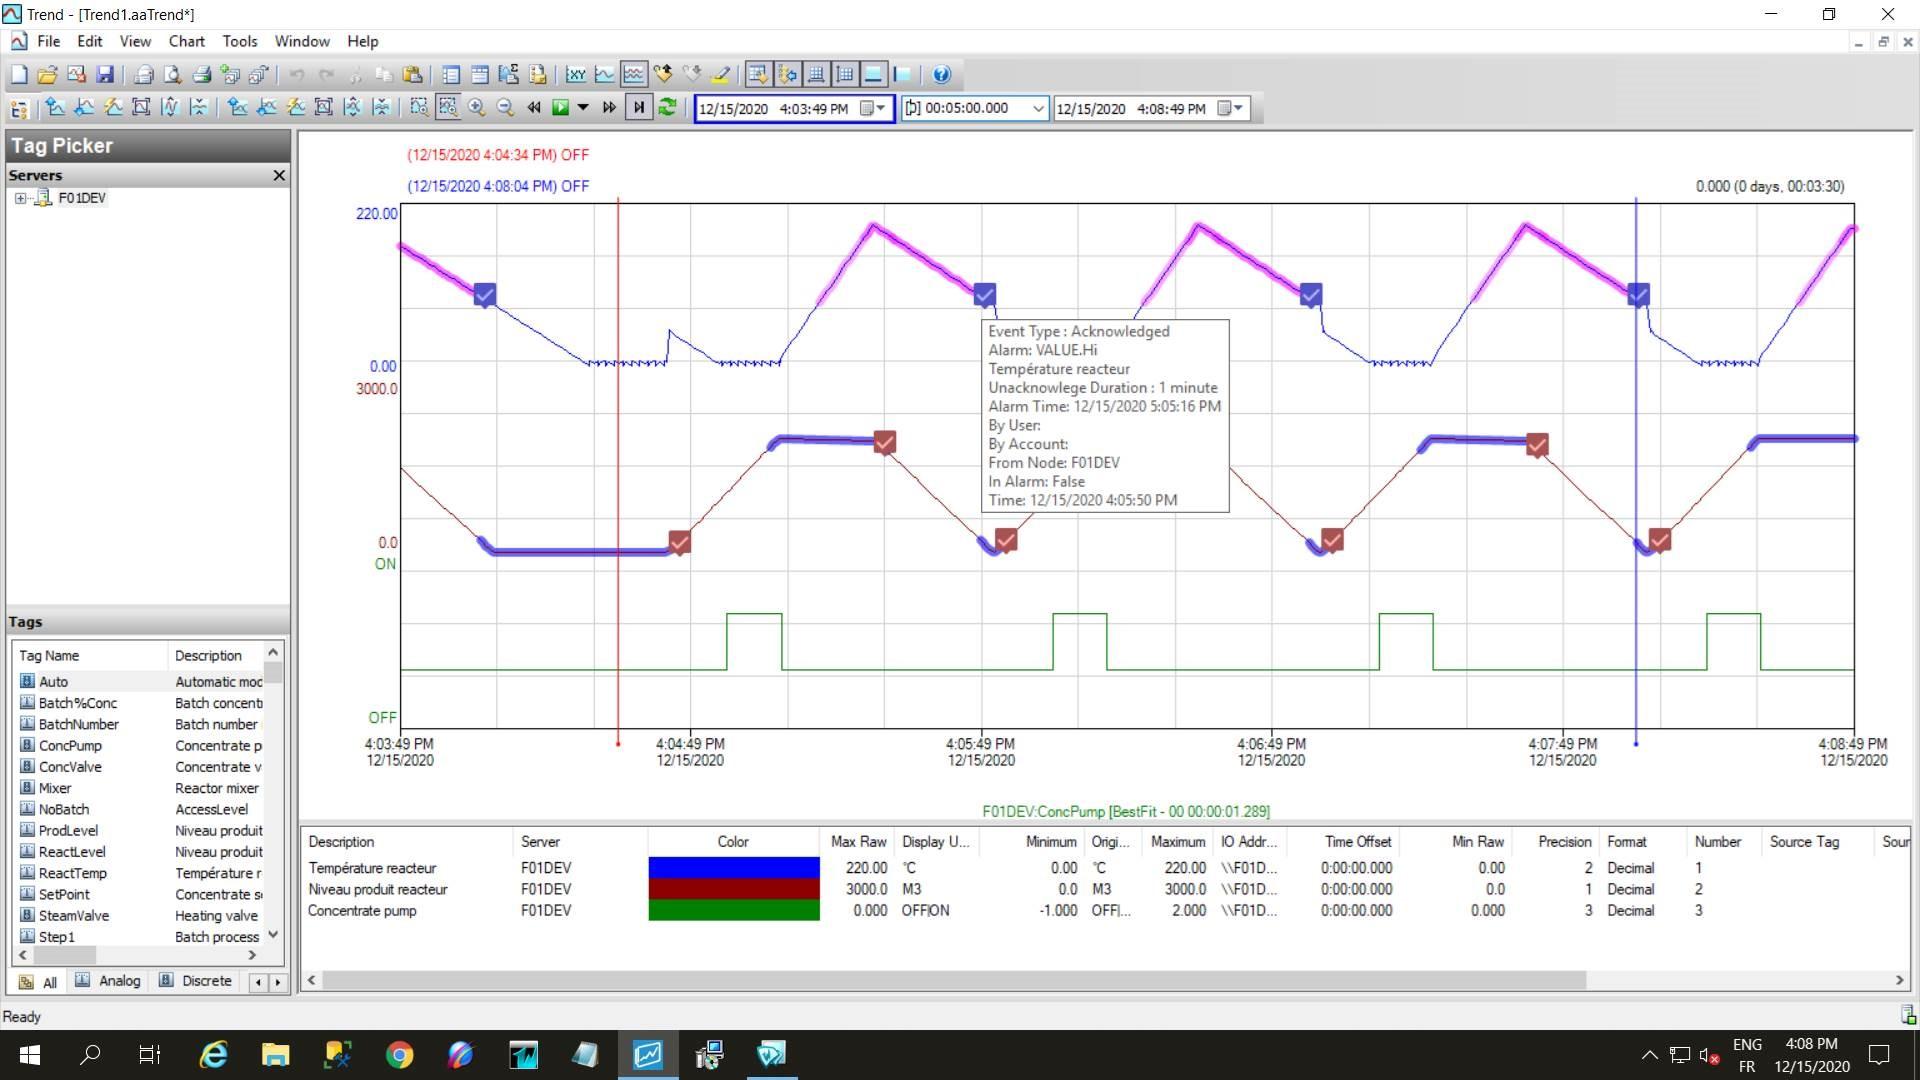 Contextualisation des situations d'alarmes et événements directement sur le tracé des courbes dans l'application de bureau Trend.